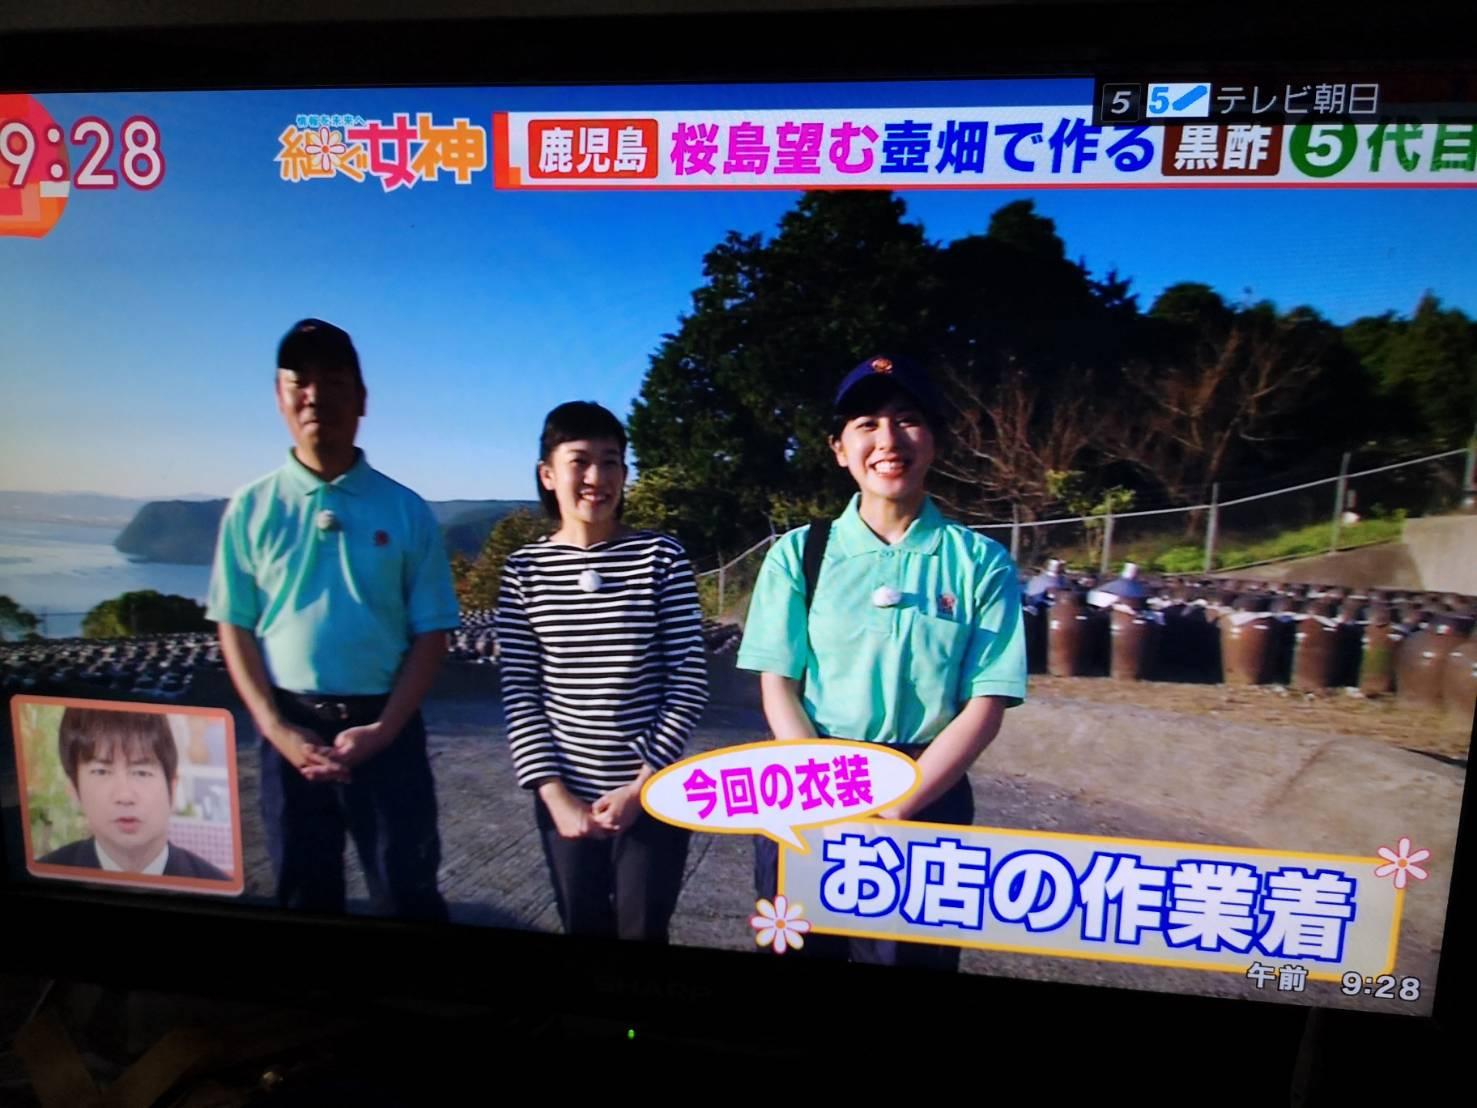 テレビ朝日 羽鳥慎一モーニングショーの継ぐ女神にて弊社紹介いただきました。